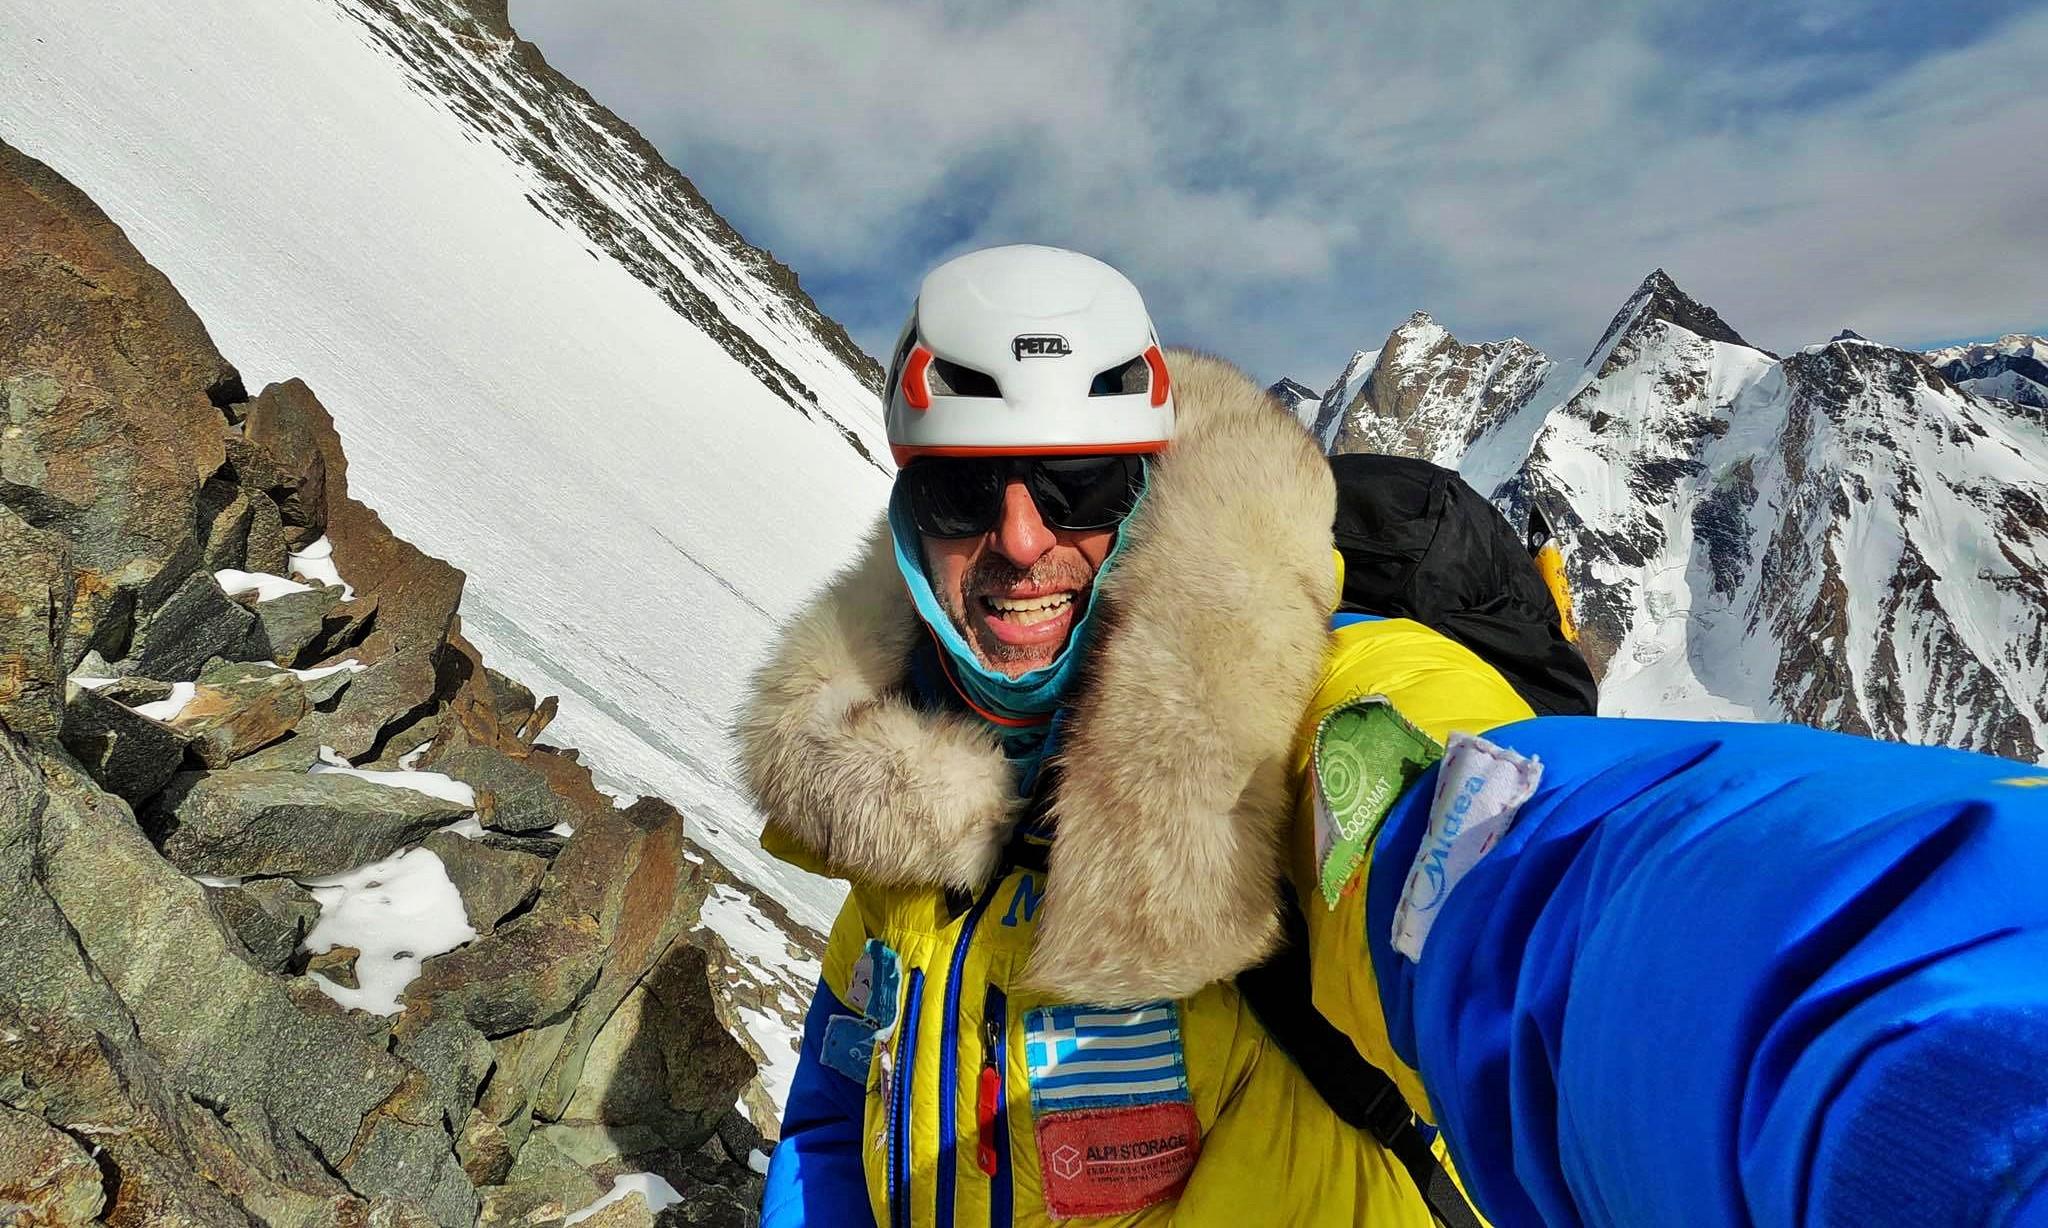 Αντώνης Συκάρης: «Ήθελα πολύ να φτάσω στην κορυφή»